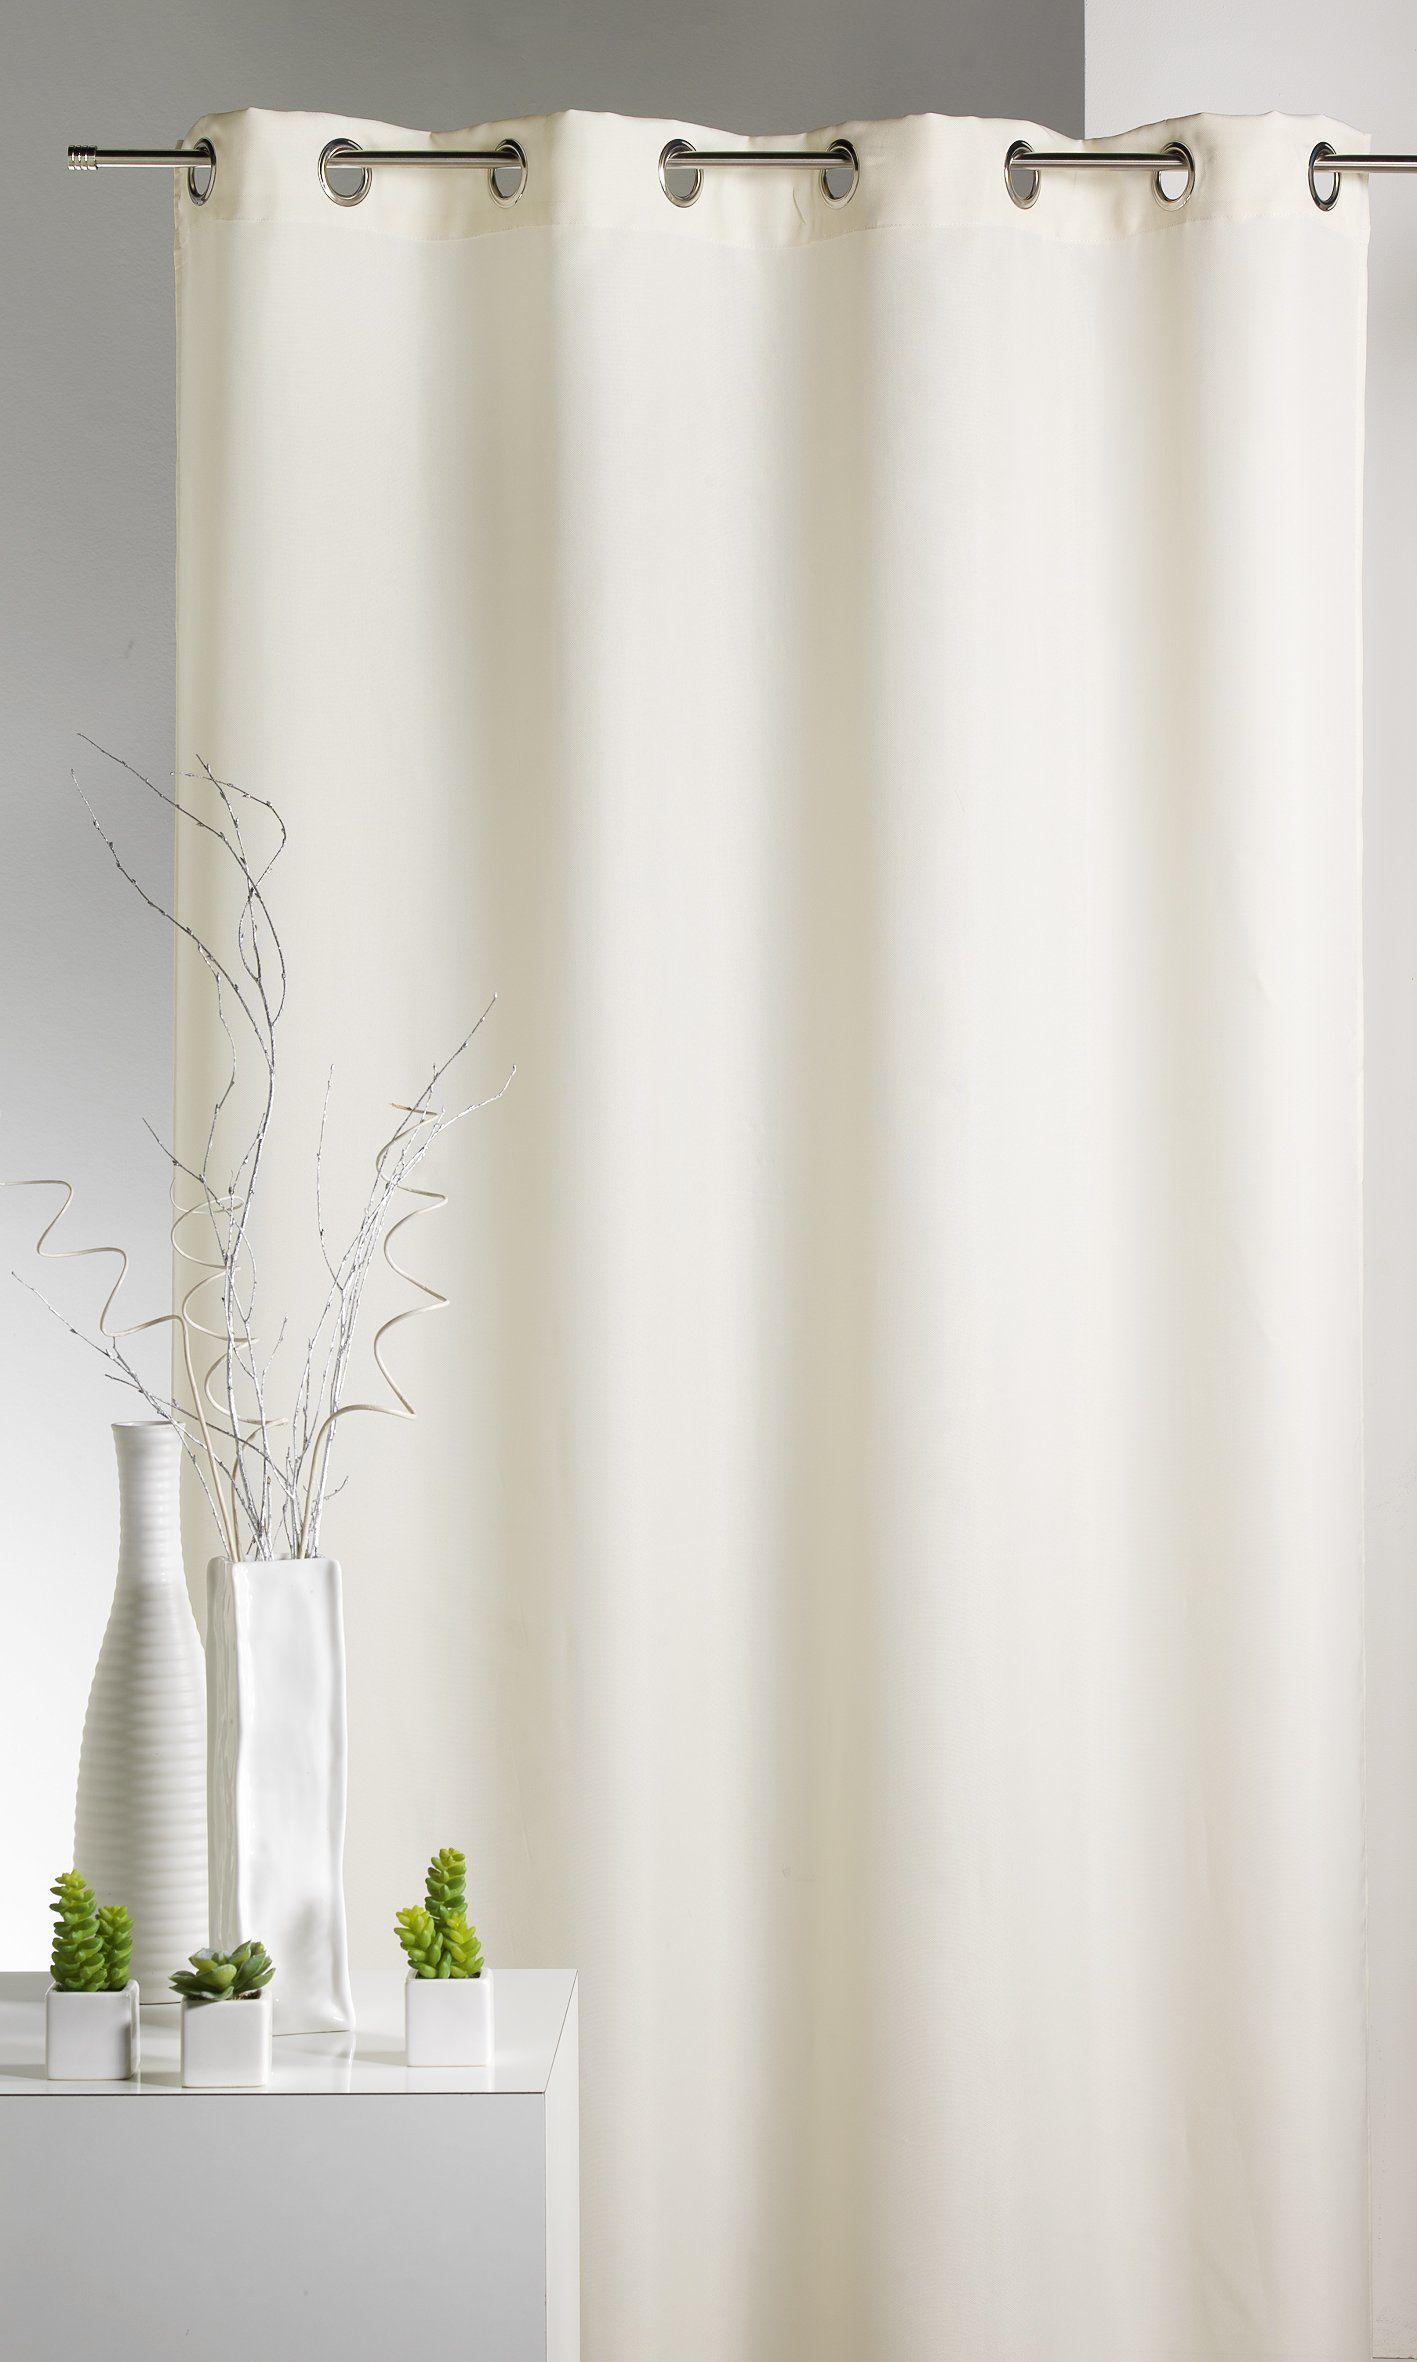 HomeMaison hm6920117 zasłona do wyposażenia wnętrz Uni mikrofibra kolor kości słoniowej 250 x 135 cm